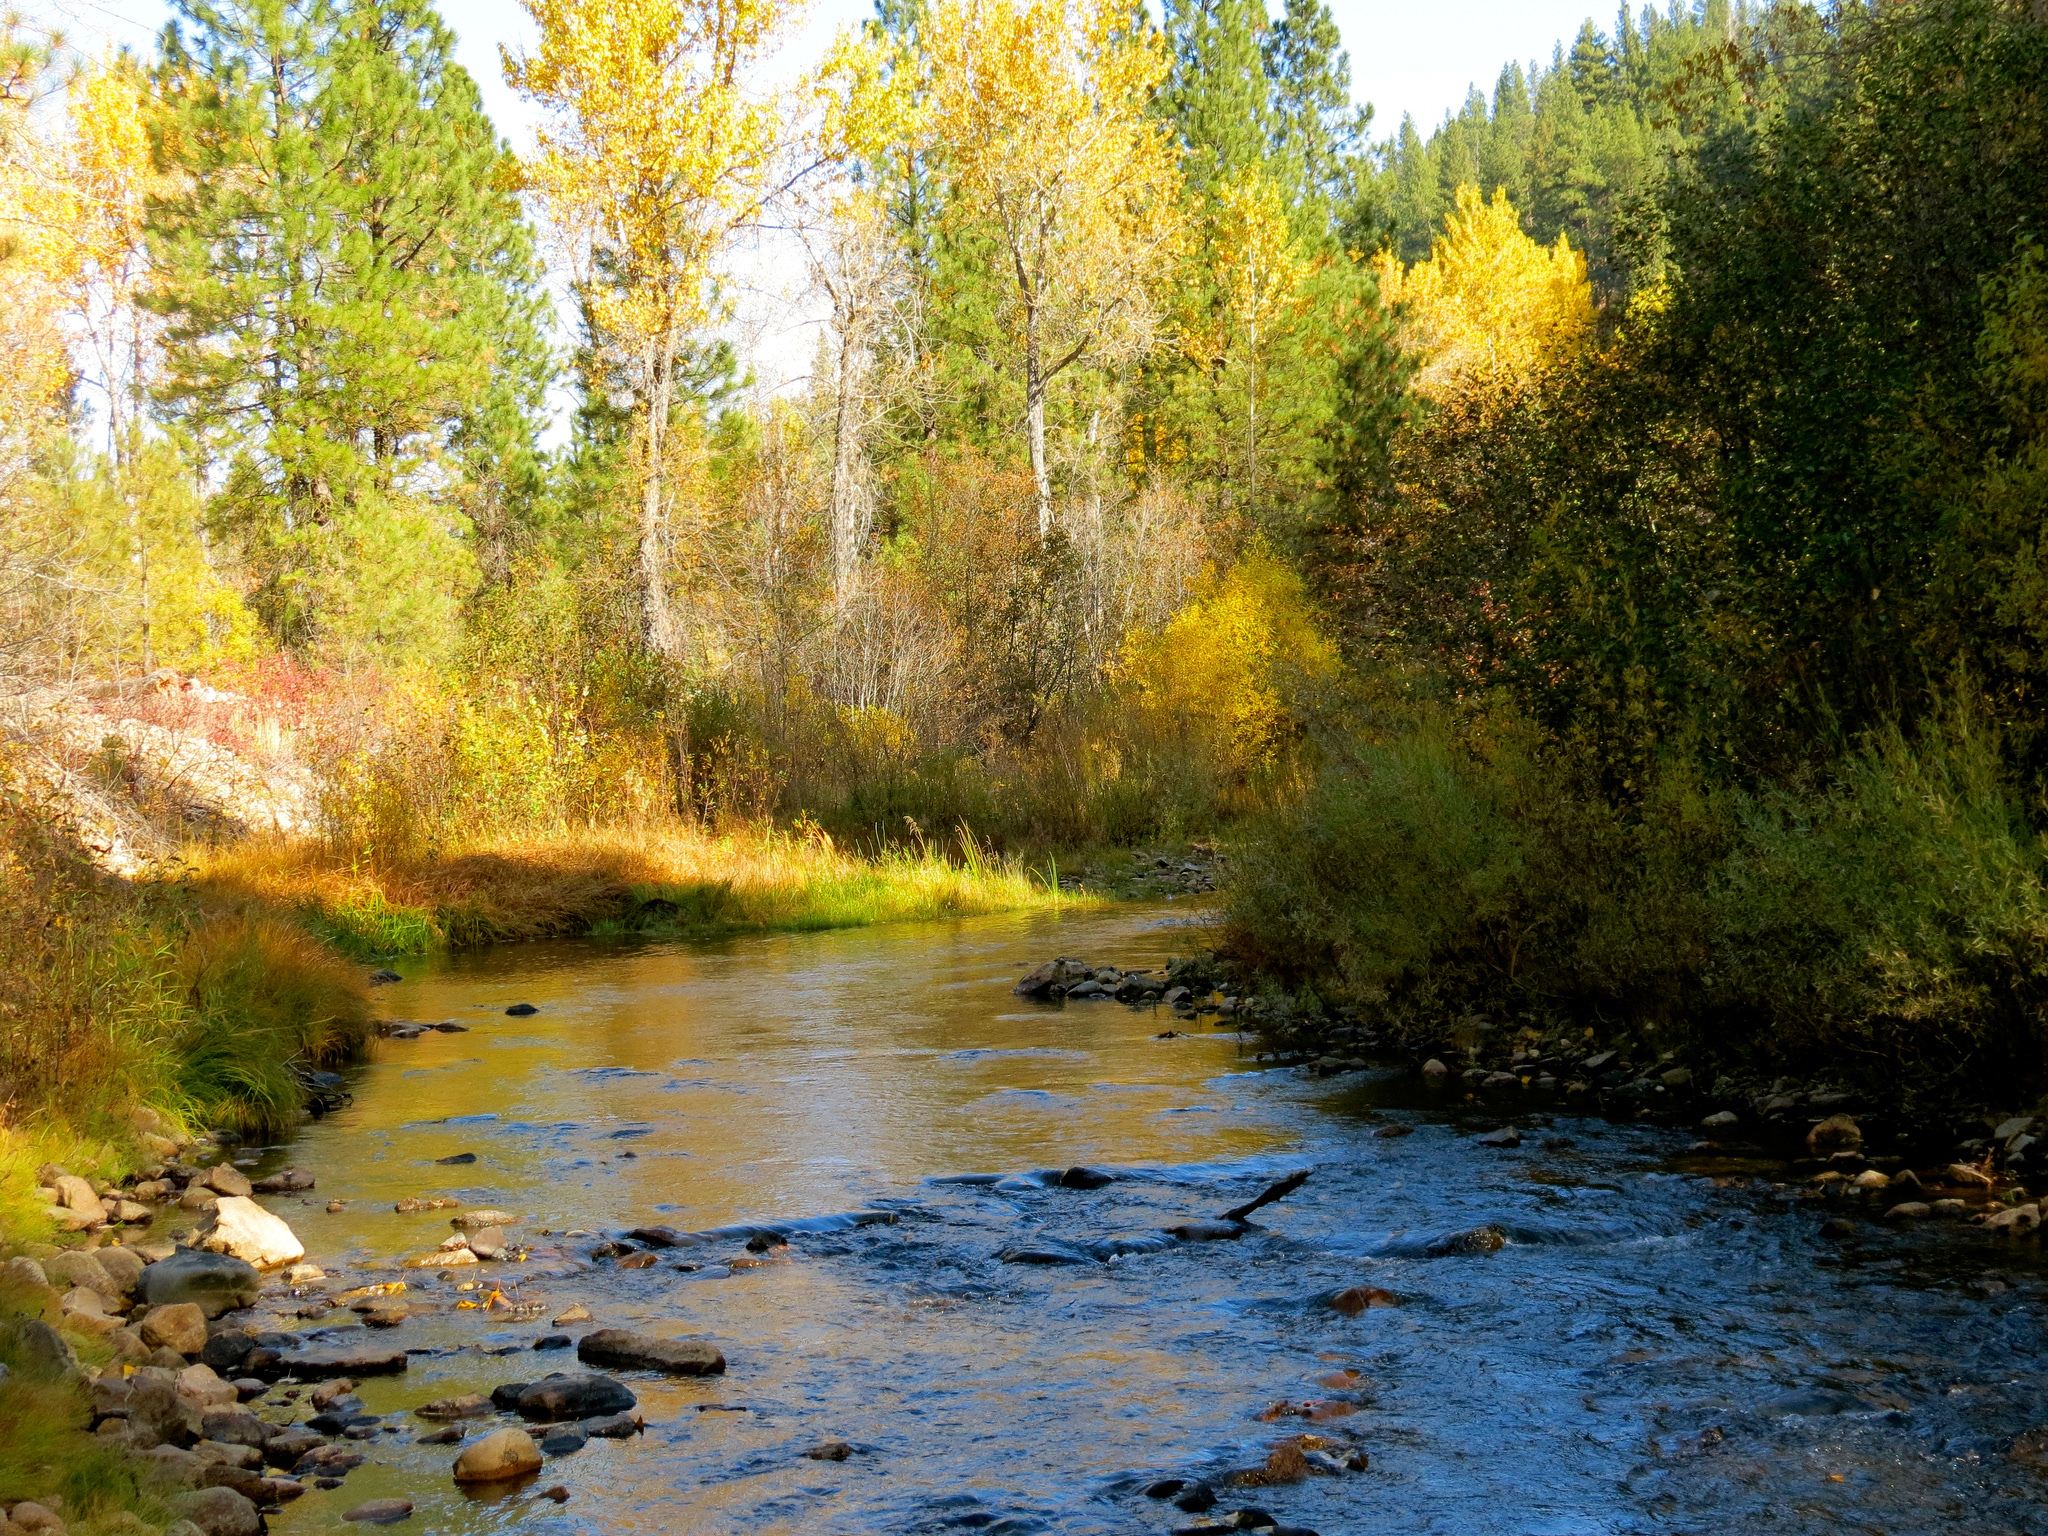 река осень деревья  № 3186332 бесплатно